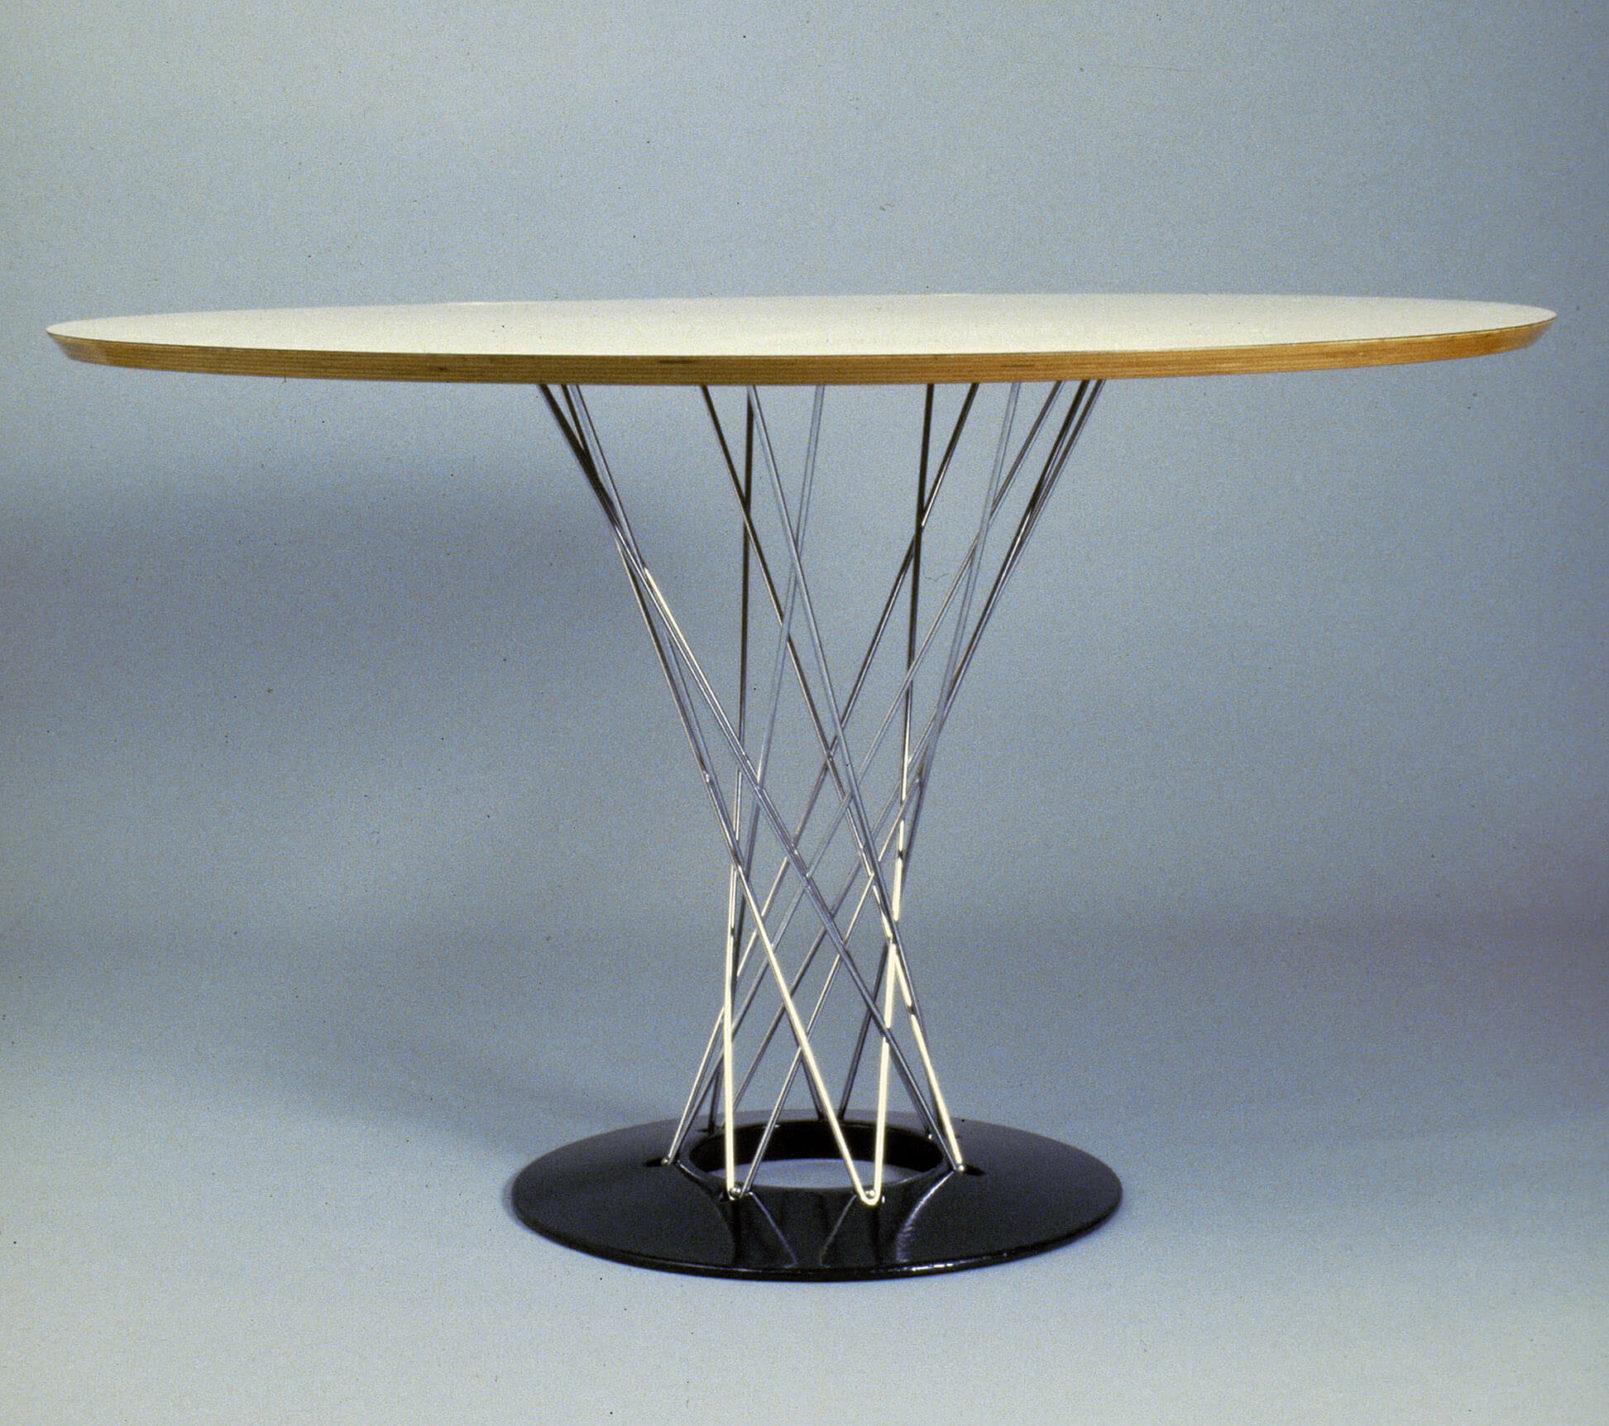 Table circulaire à surface blanche au rebord en bois reposant sur un entrelacement de tiges d'acier et un disque noir au sol.